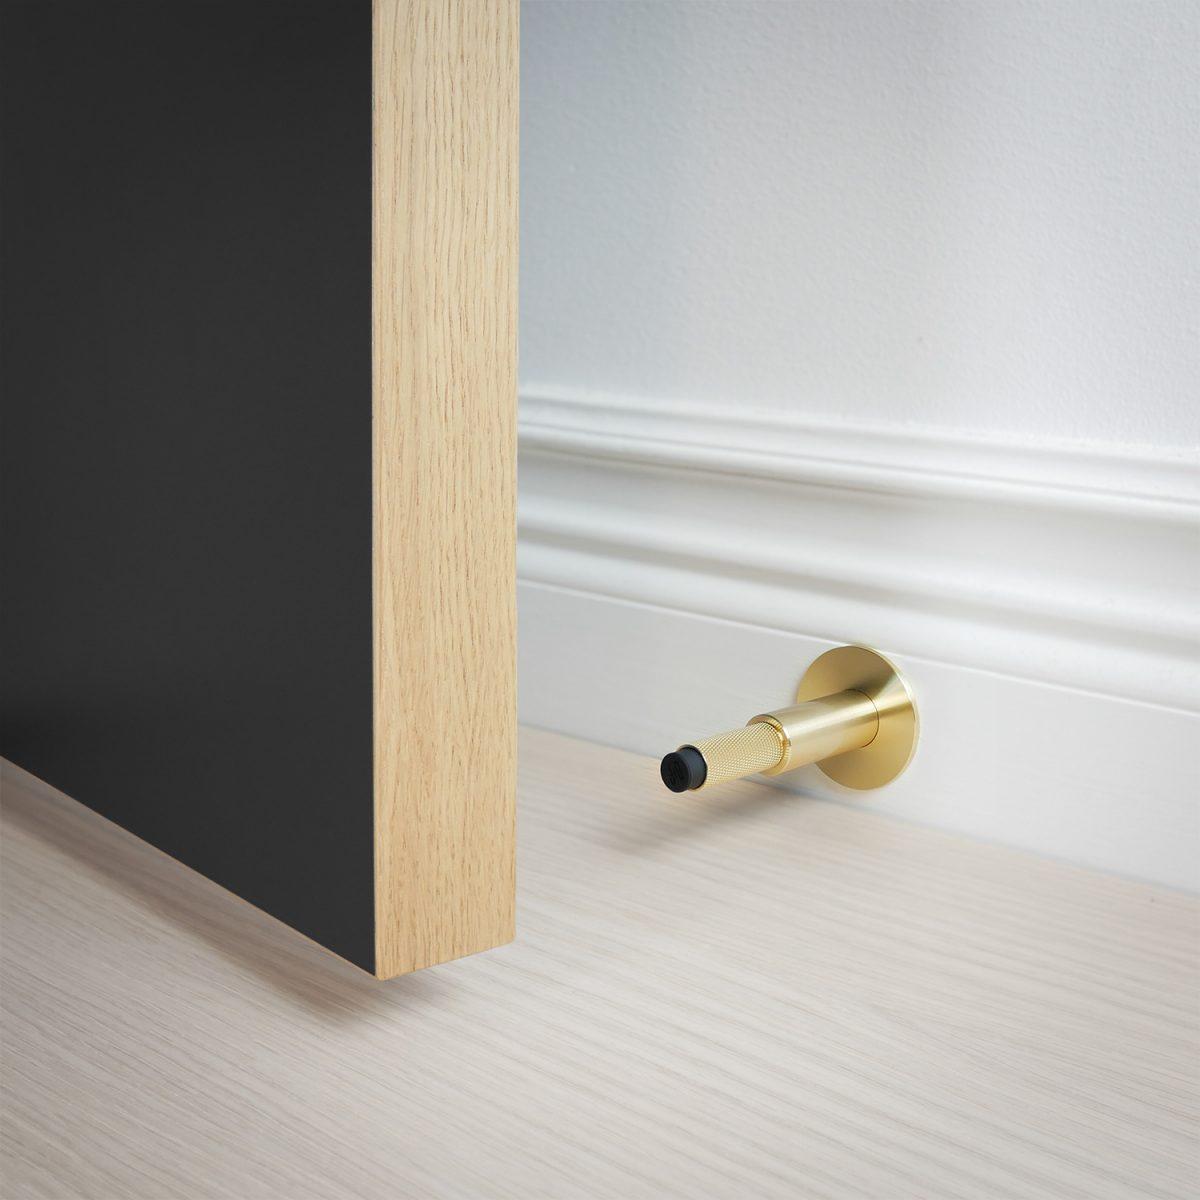 dörrstopp-vägg-dörr-mässing-buster-punch-njord